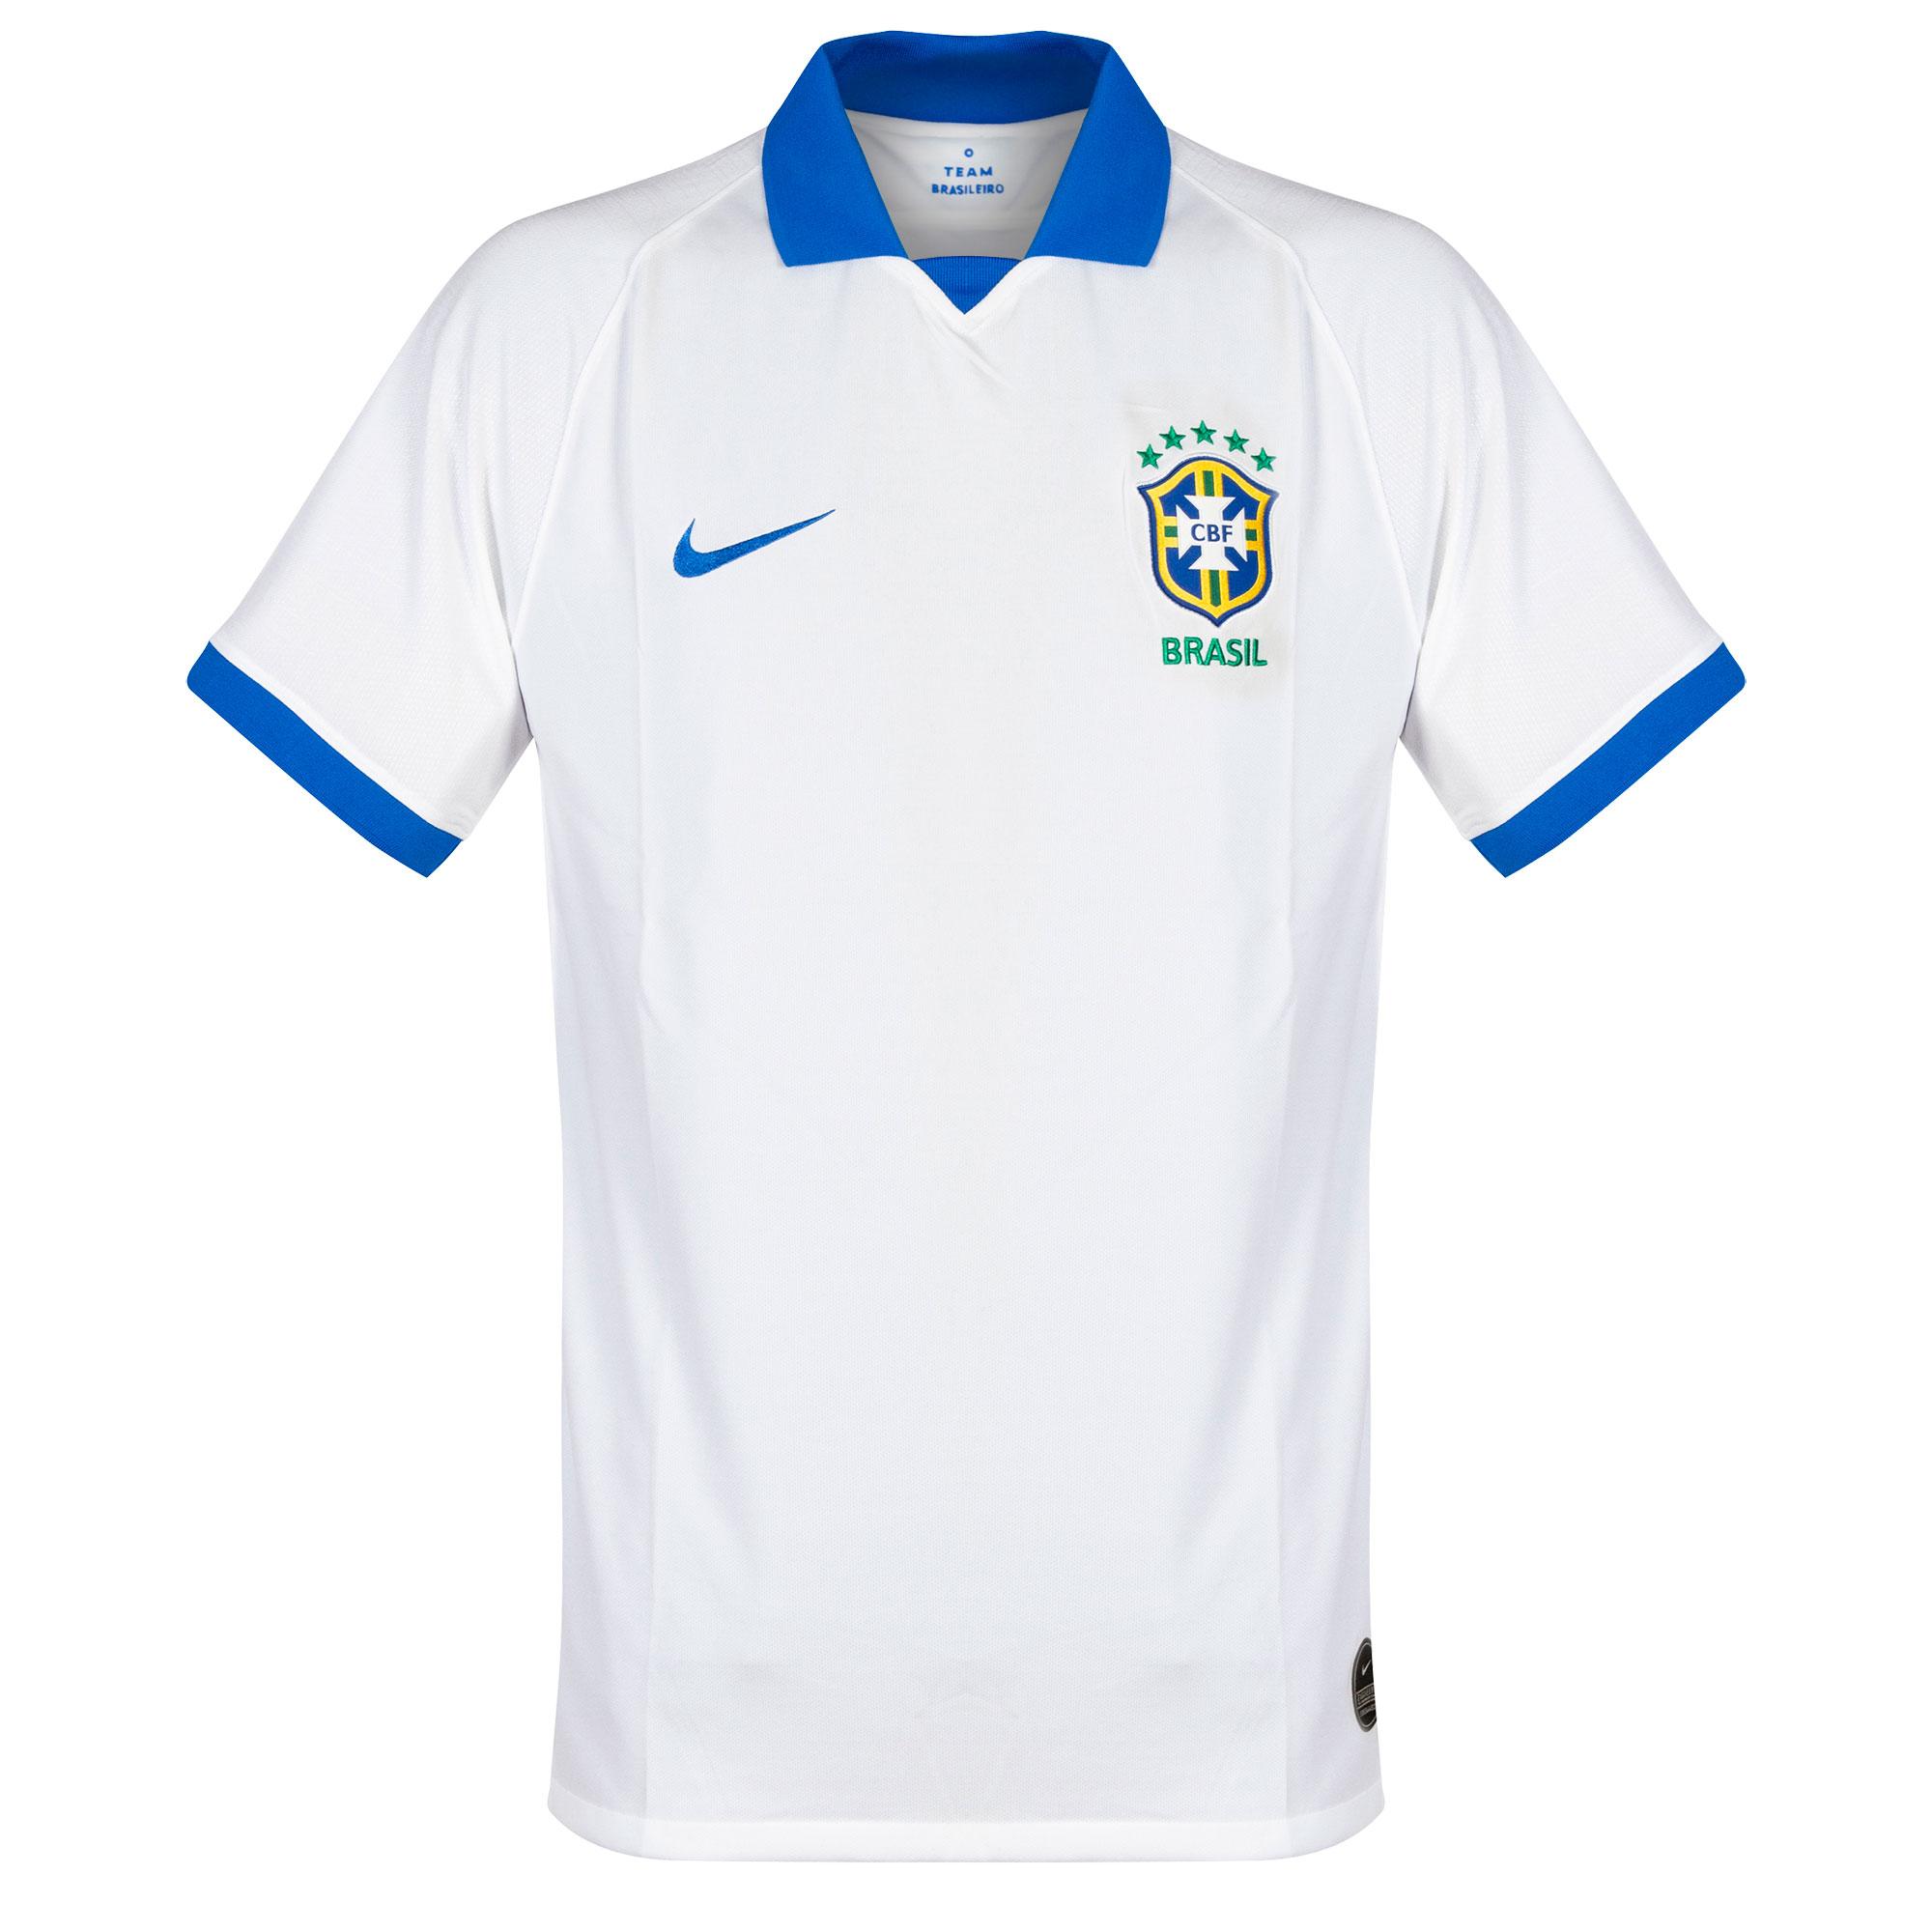 af1f5fa829b Brazil Football Kits